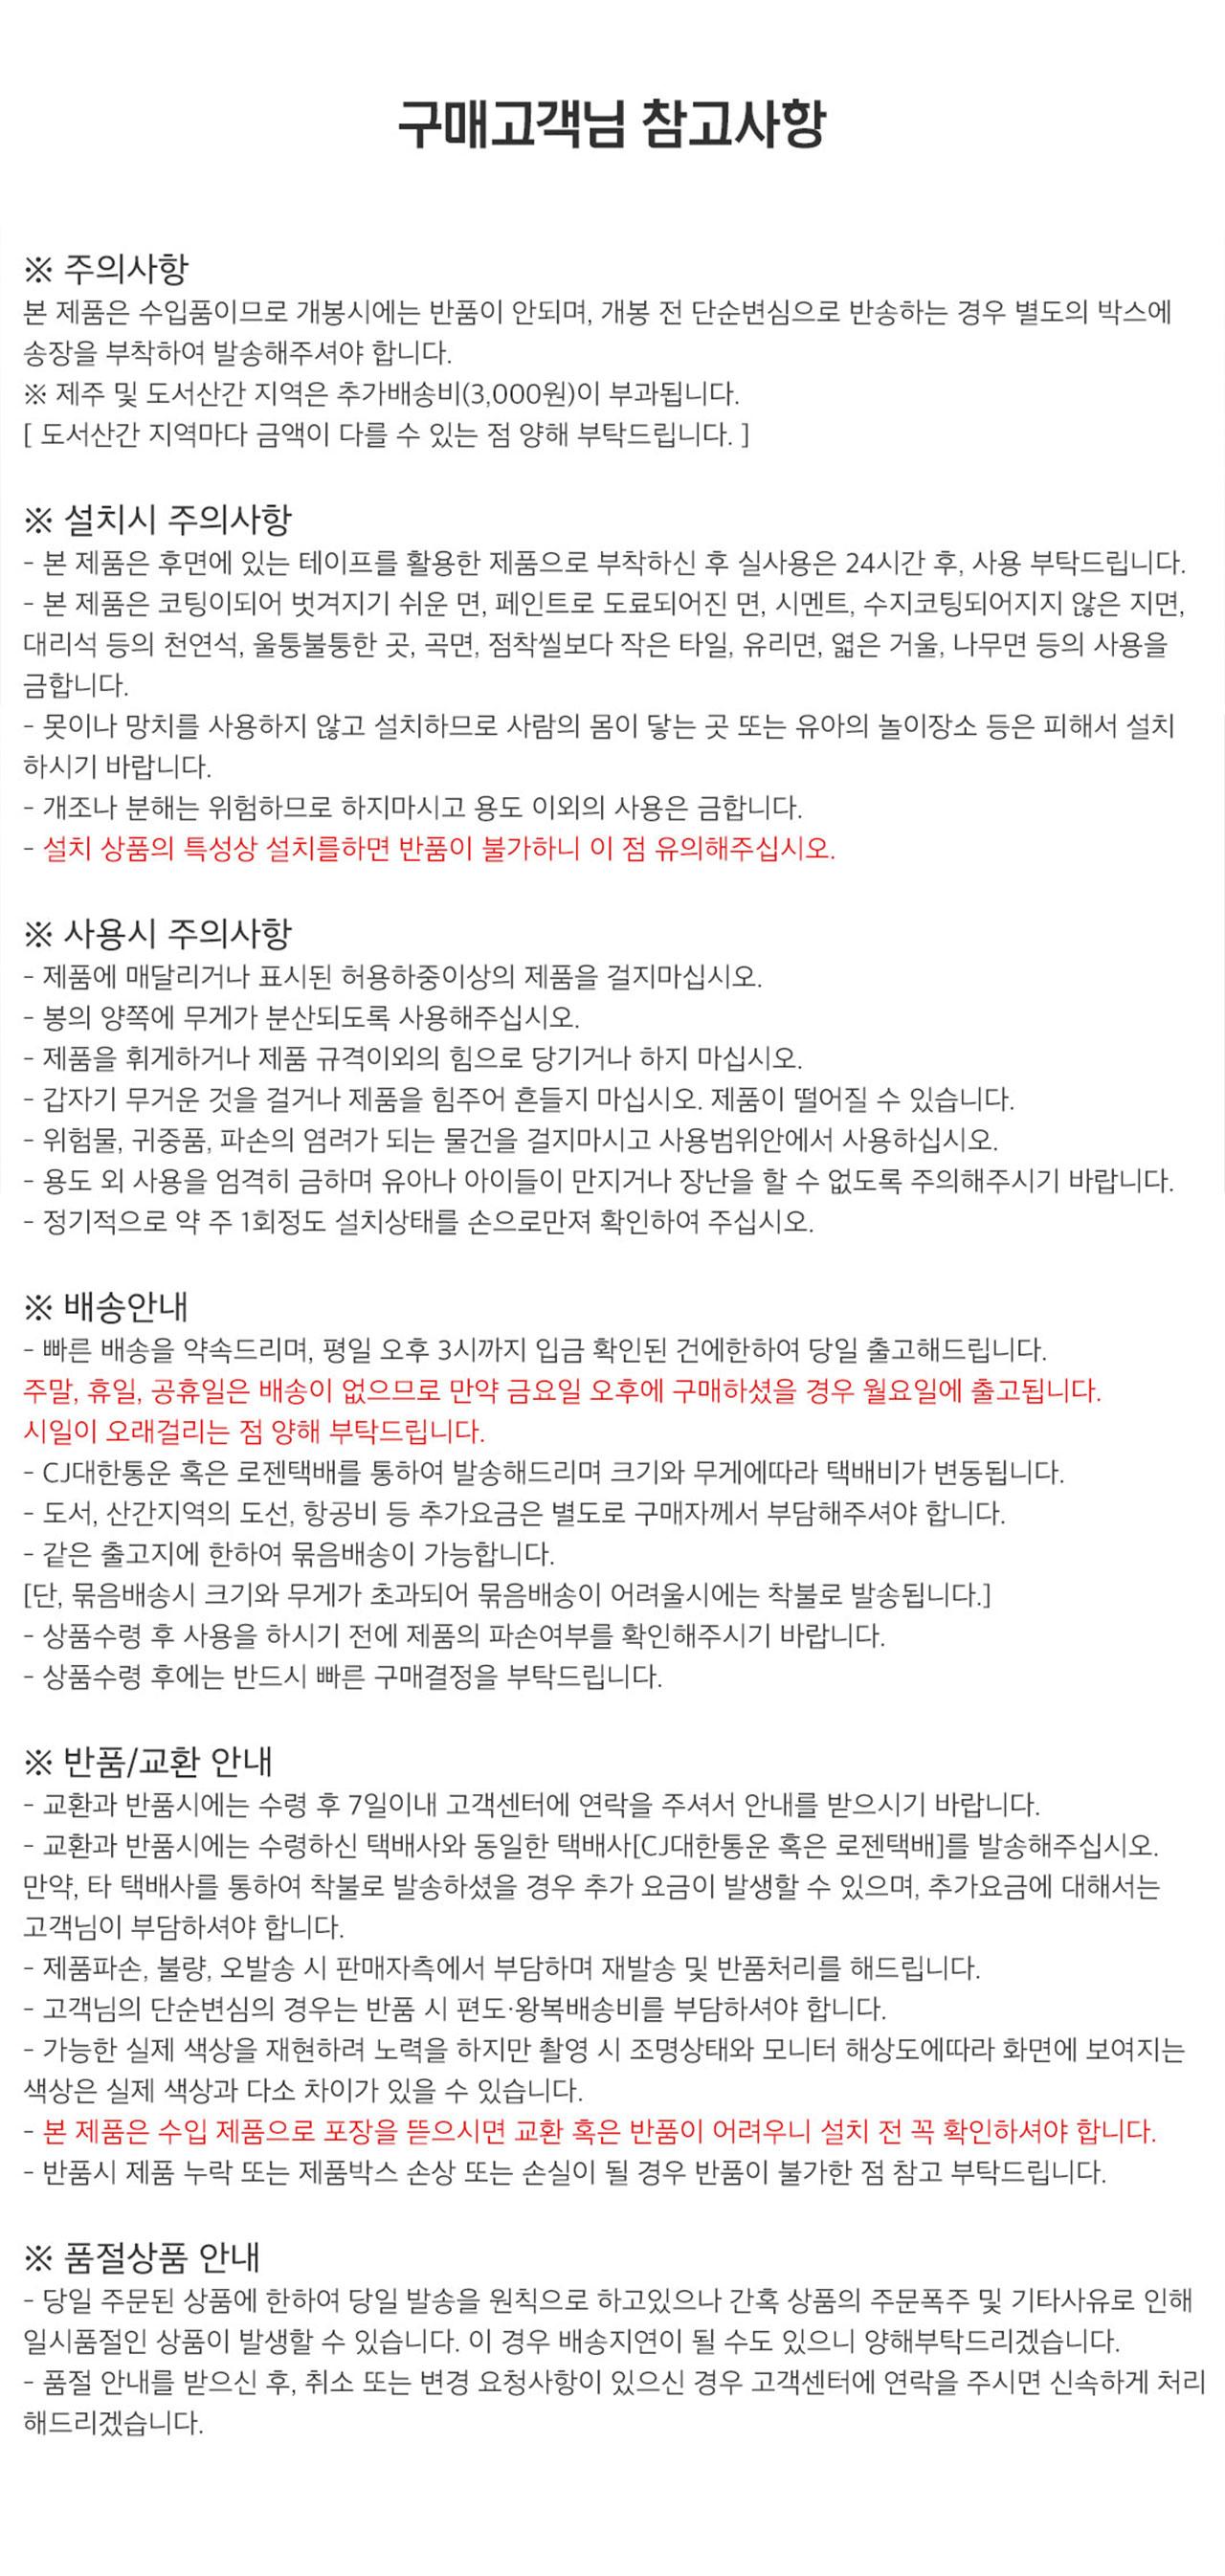 시바타 샤워커튼 고정걸이 - 드레텍, 2,900원, 세안/목욕, 샤워커튼